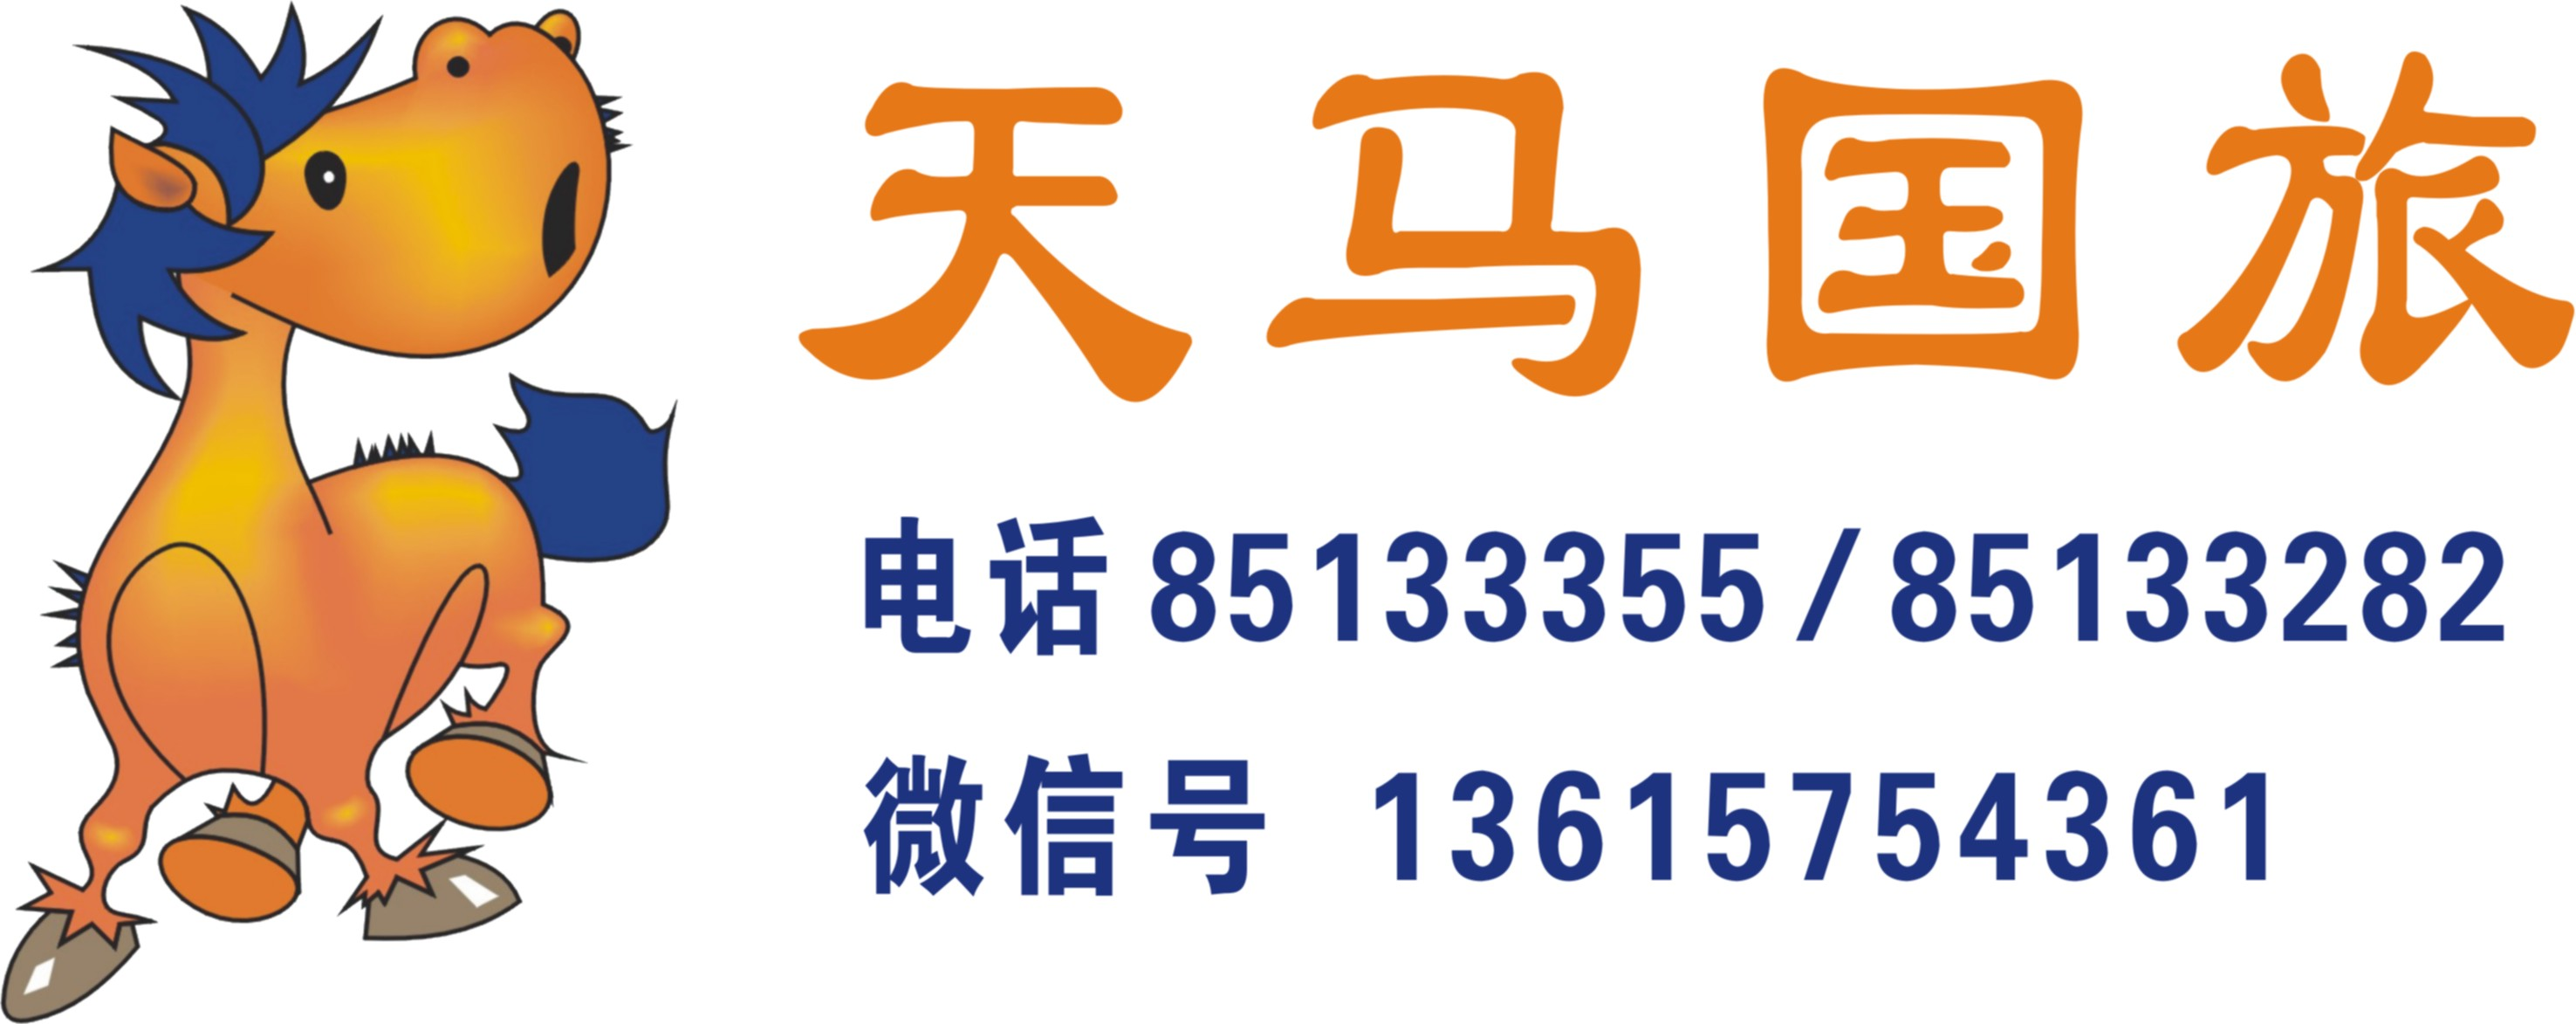 11-12月【广东潮州、汕头、东方塞班南澳岛双动四日游】